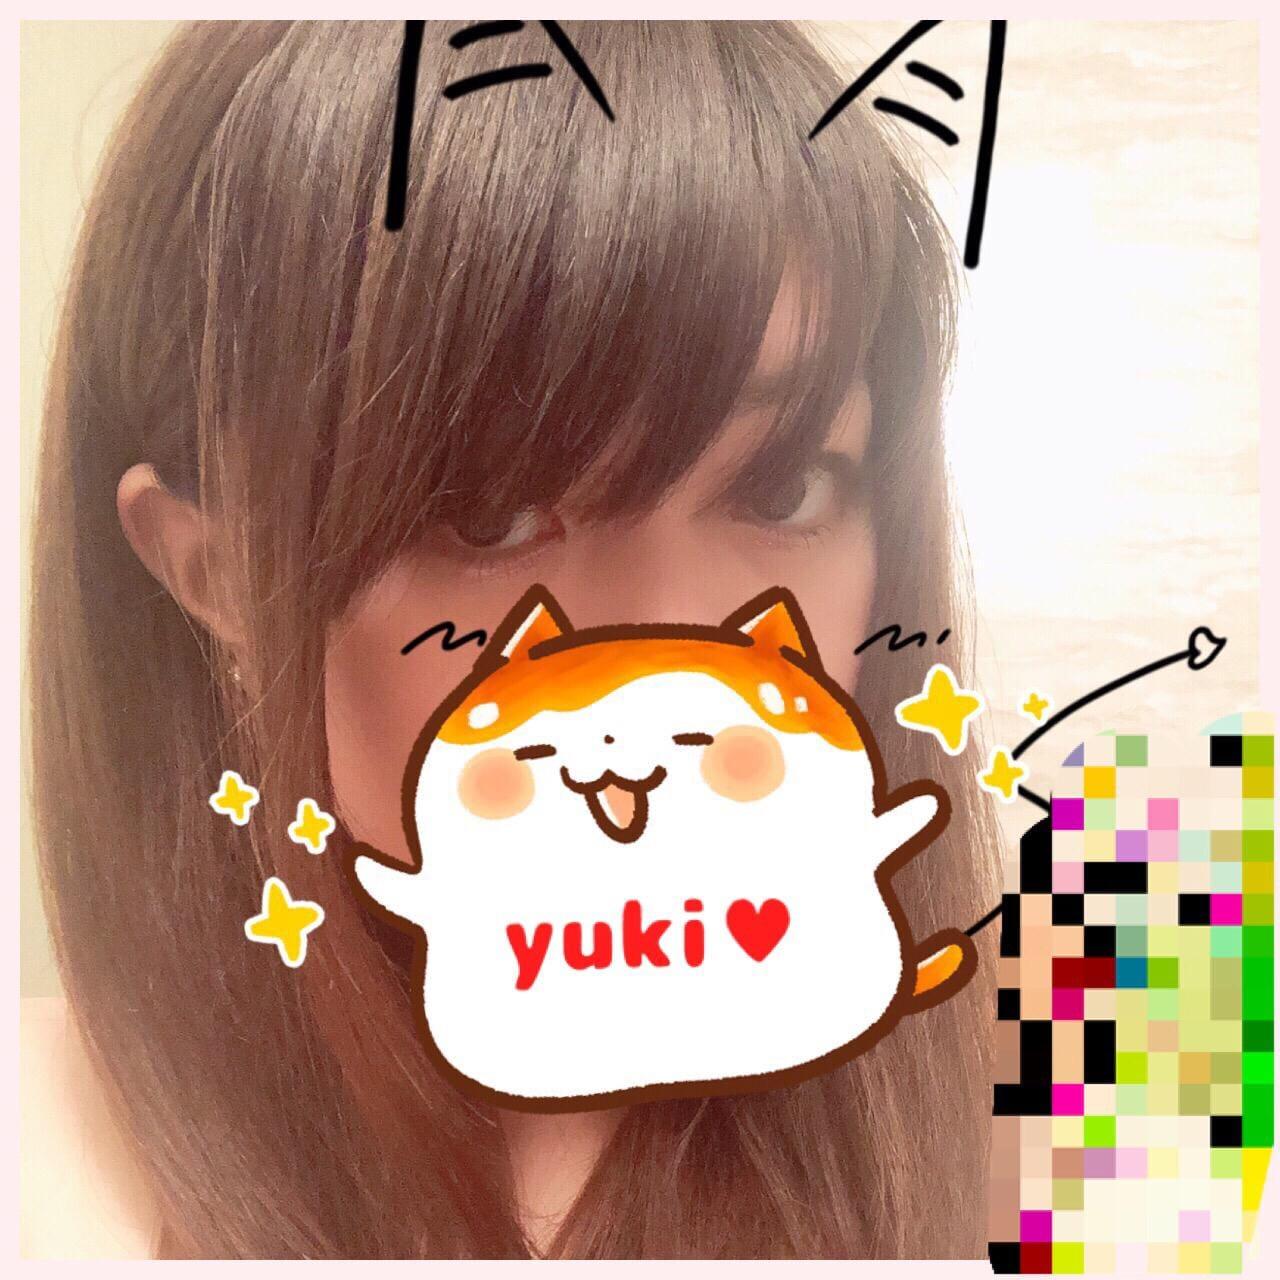 「お礼♥」10/01(10/01) 02:30   ゆきの写メ・風俗動画